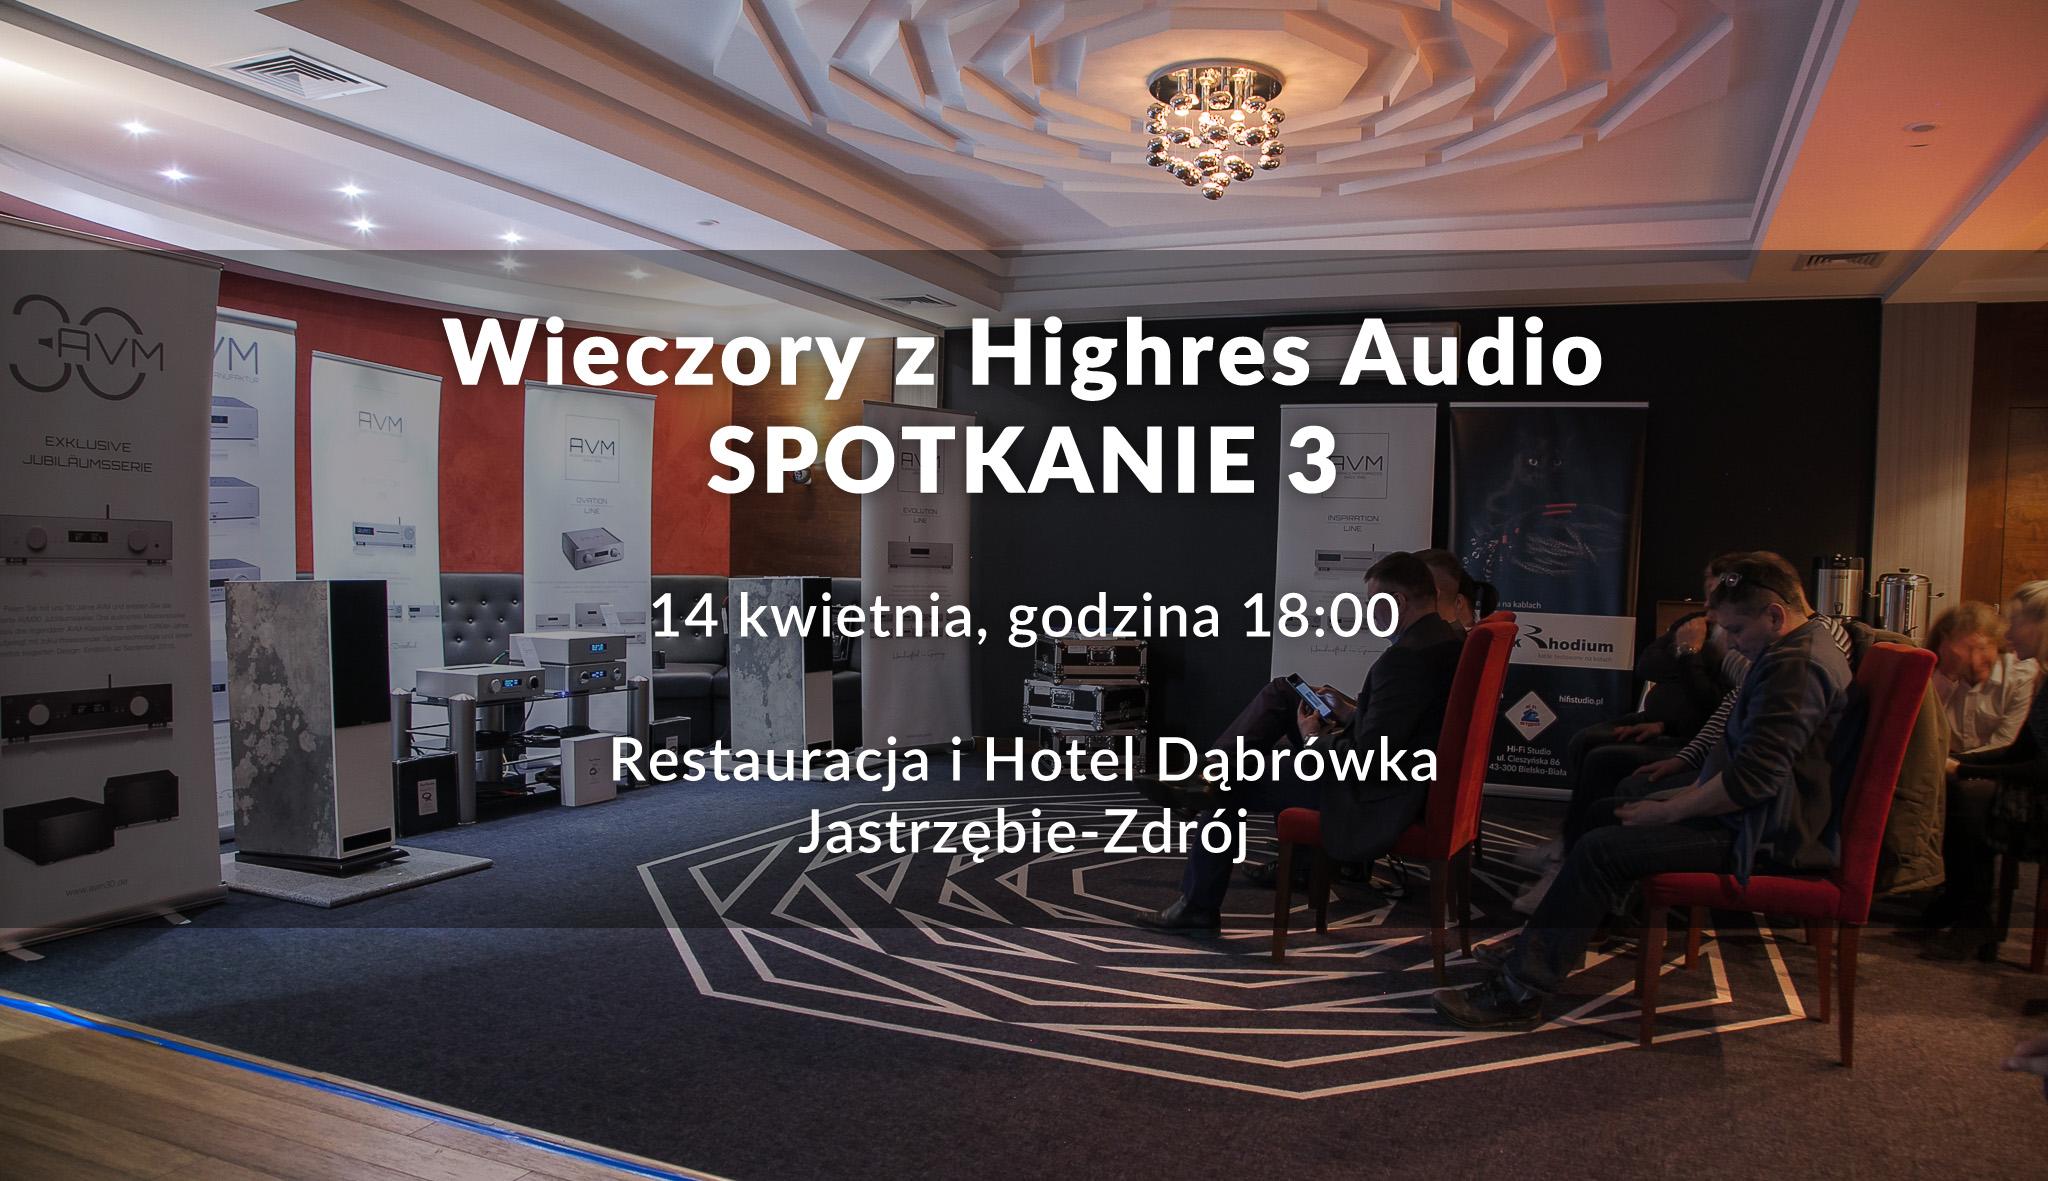 Spotkania Warsztaty Tidal Highres Audio AVM